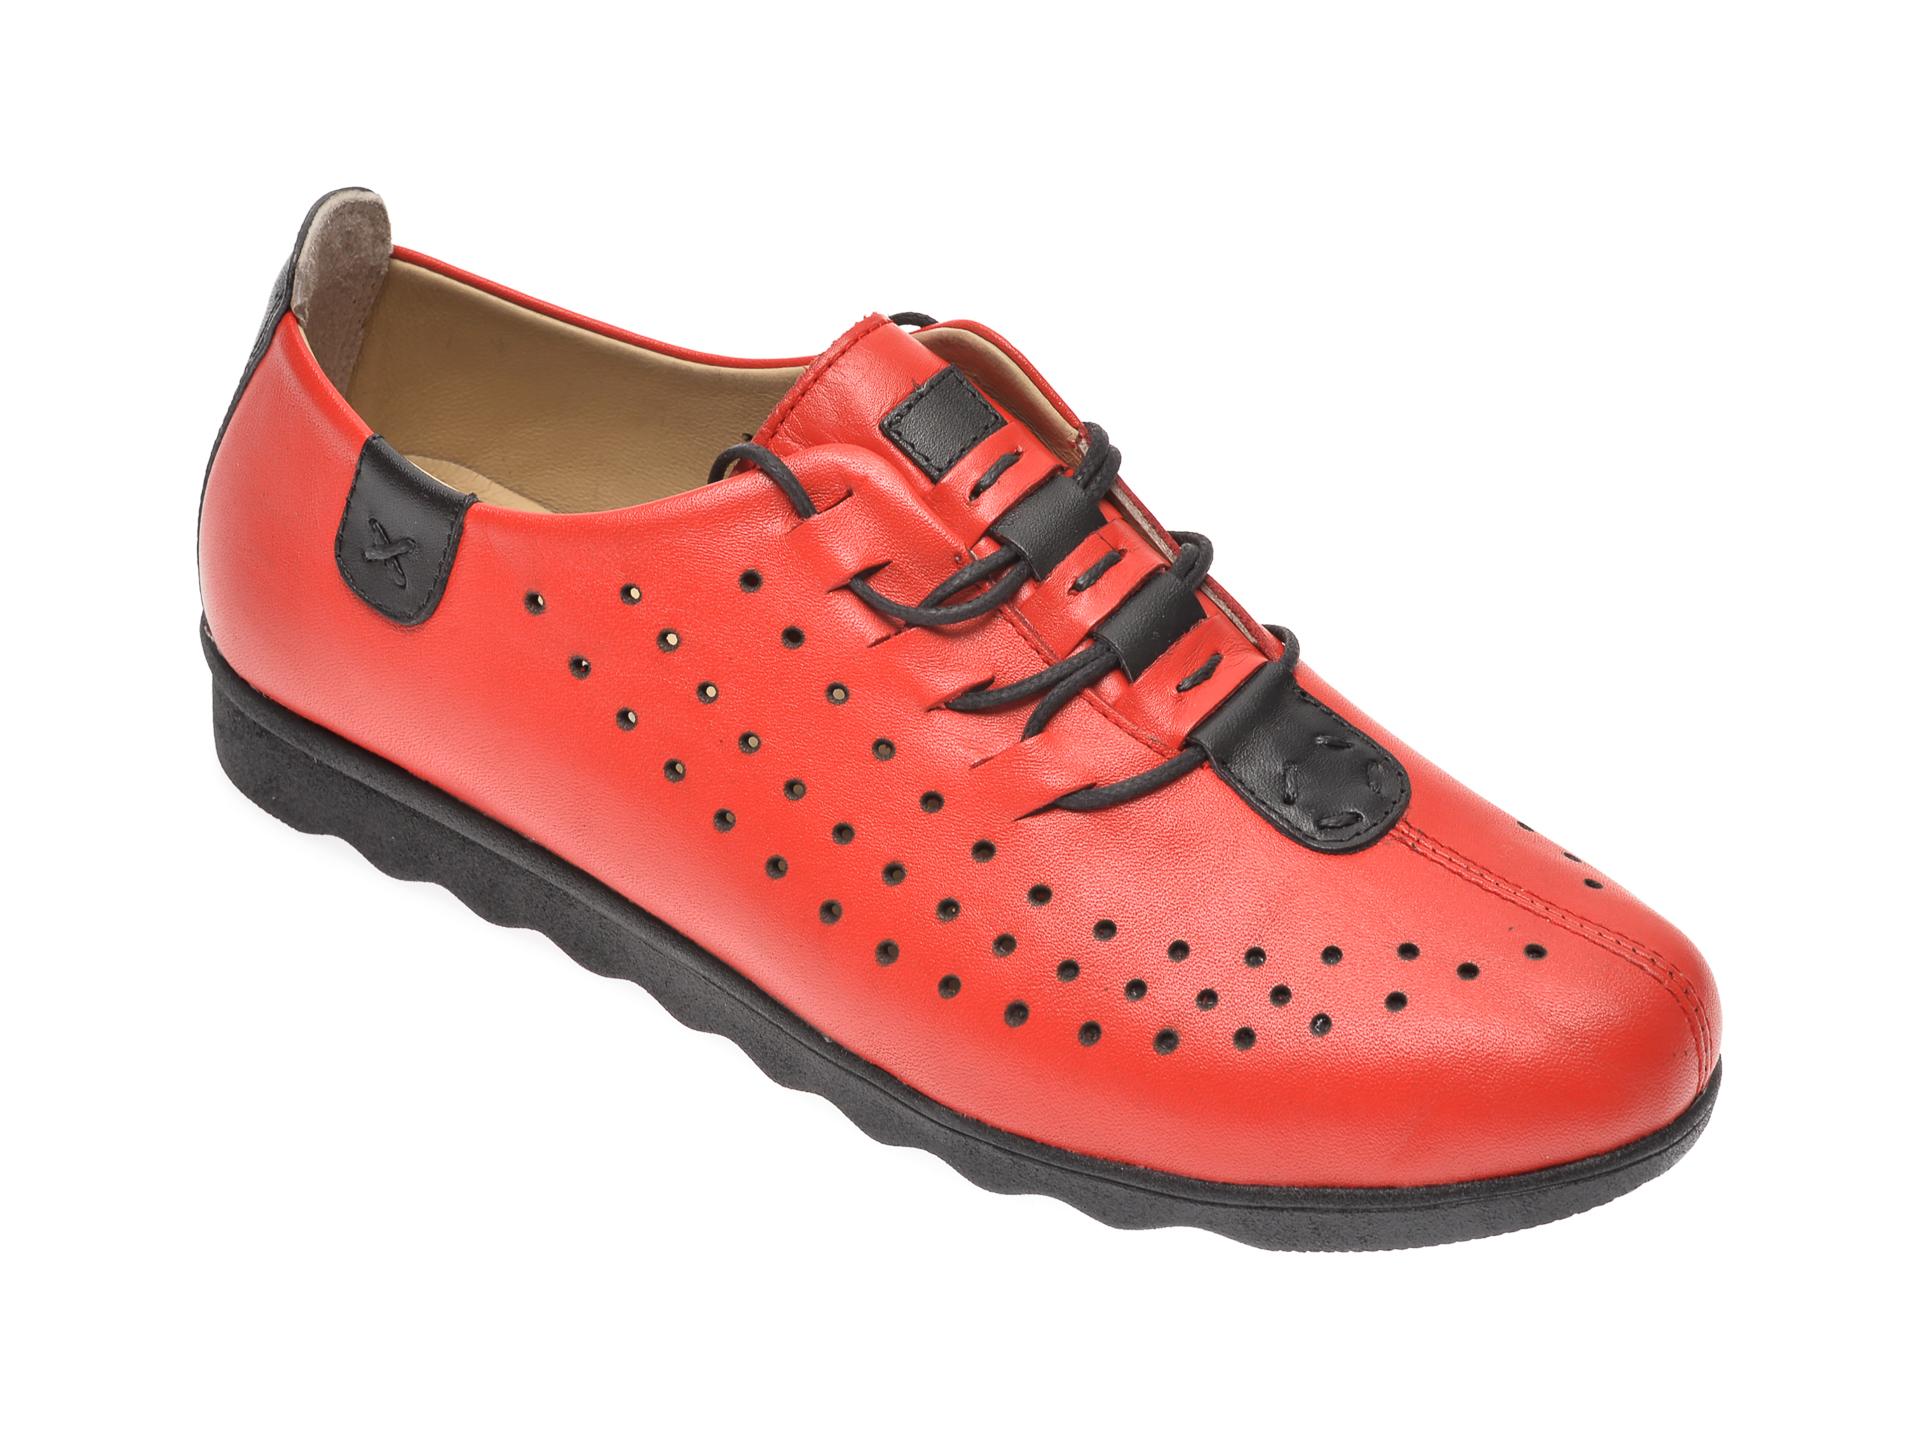 Pantofi PASS COLLECTION rosii, K92101, din piele naturala